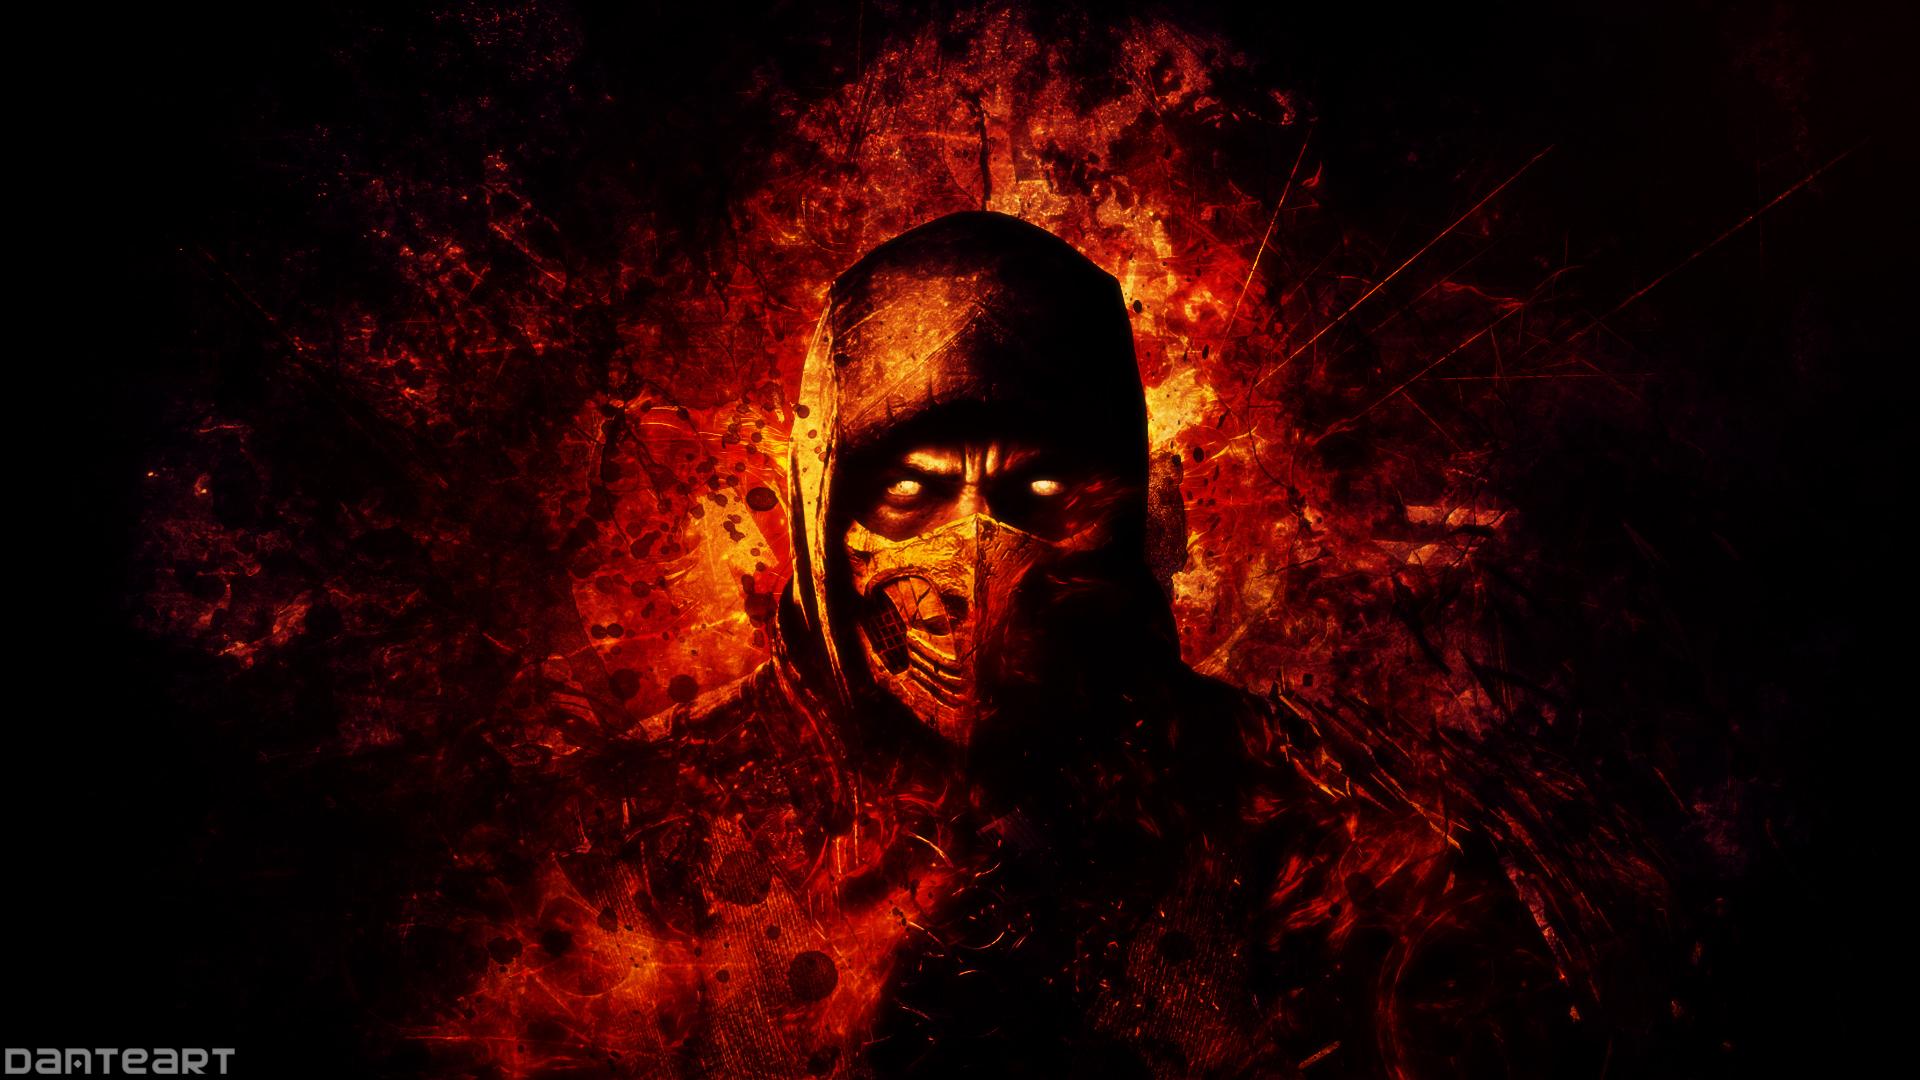 Mortal Kombat X Scorpion Wallpaper By Danteartwallpapers On Deviantart